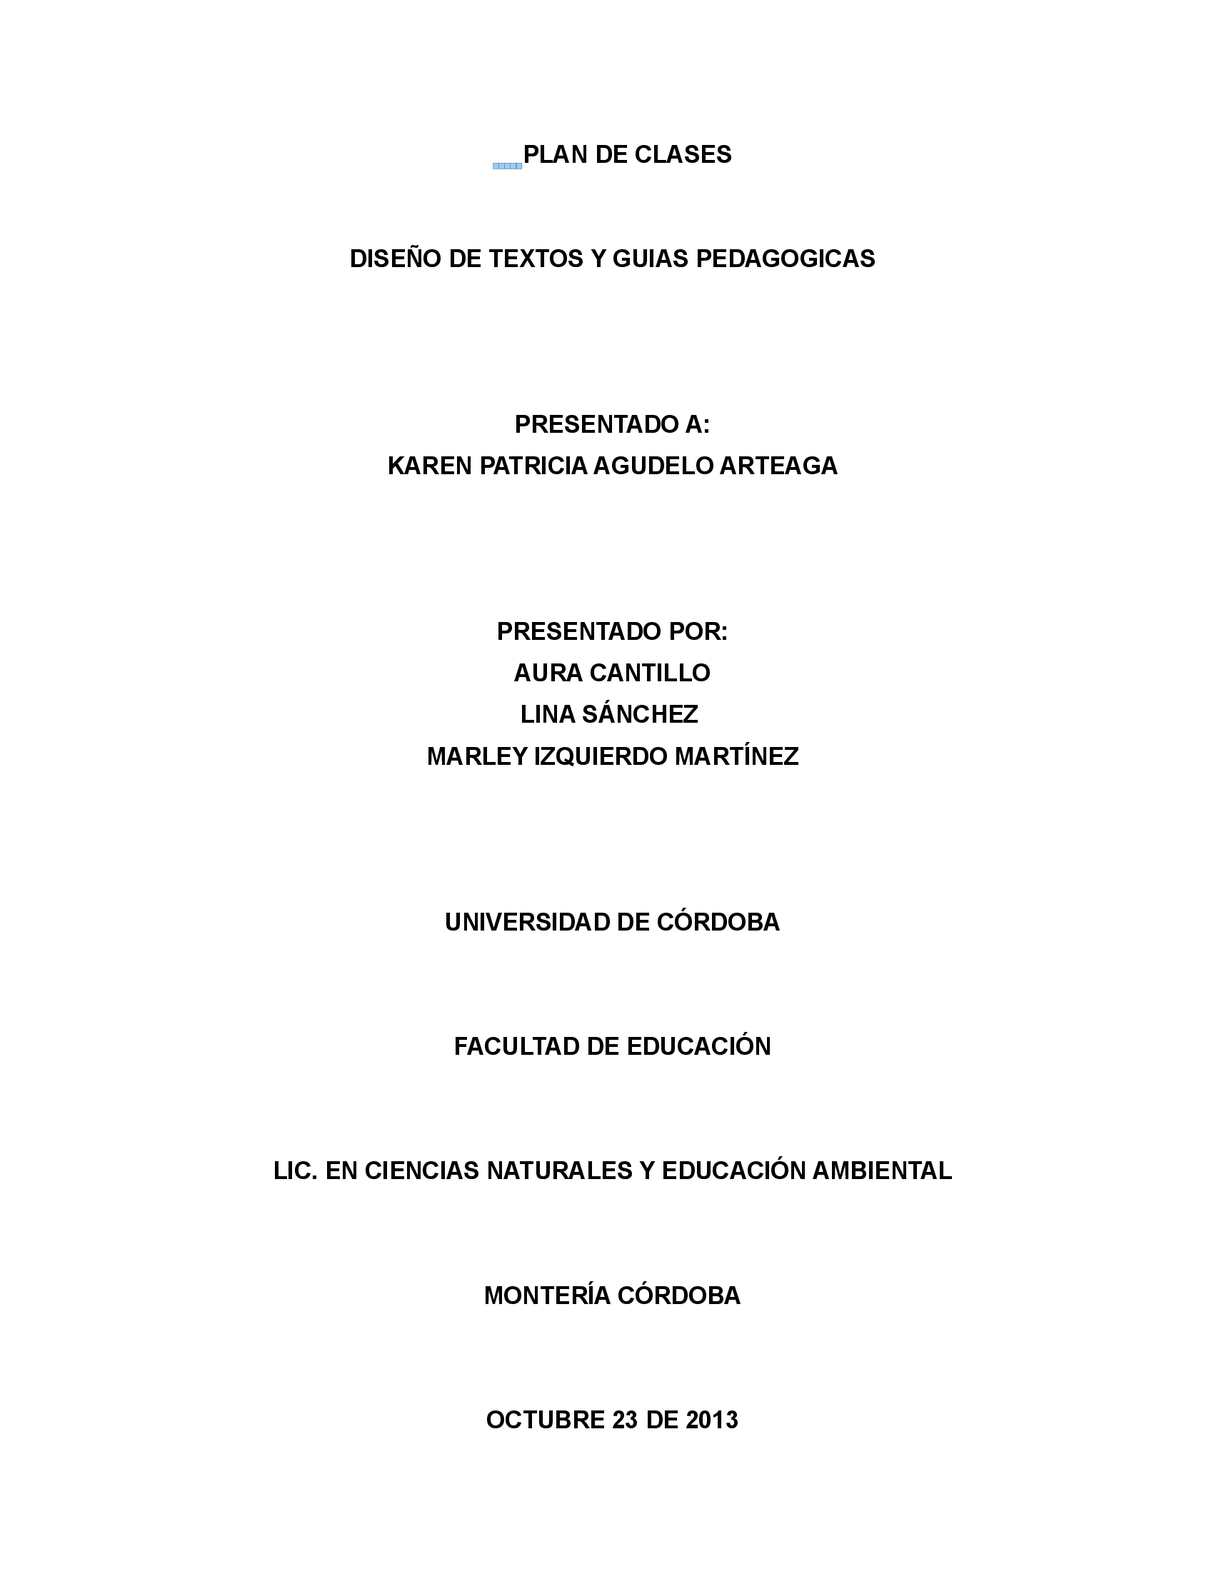 PLAN DE CLASES, CIENCIAS NATURALES